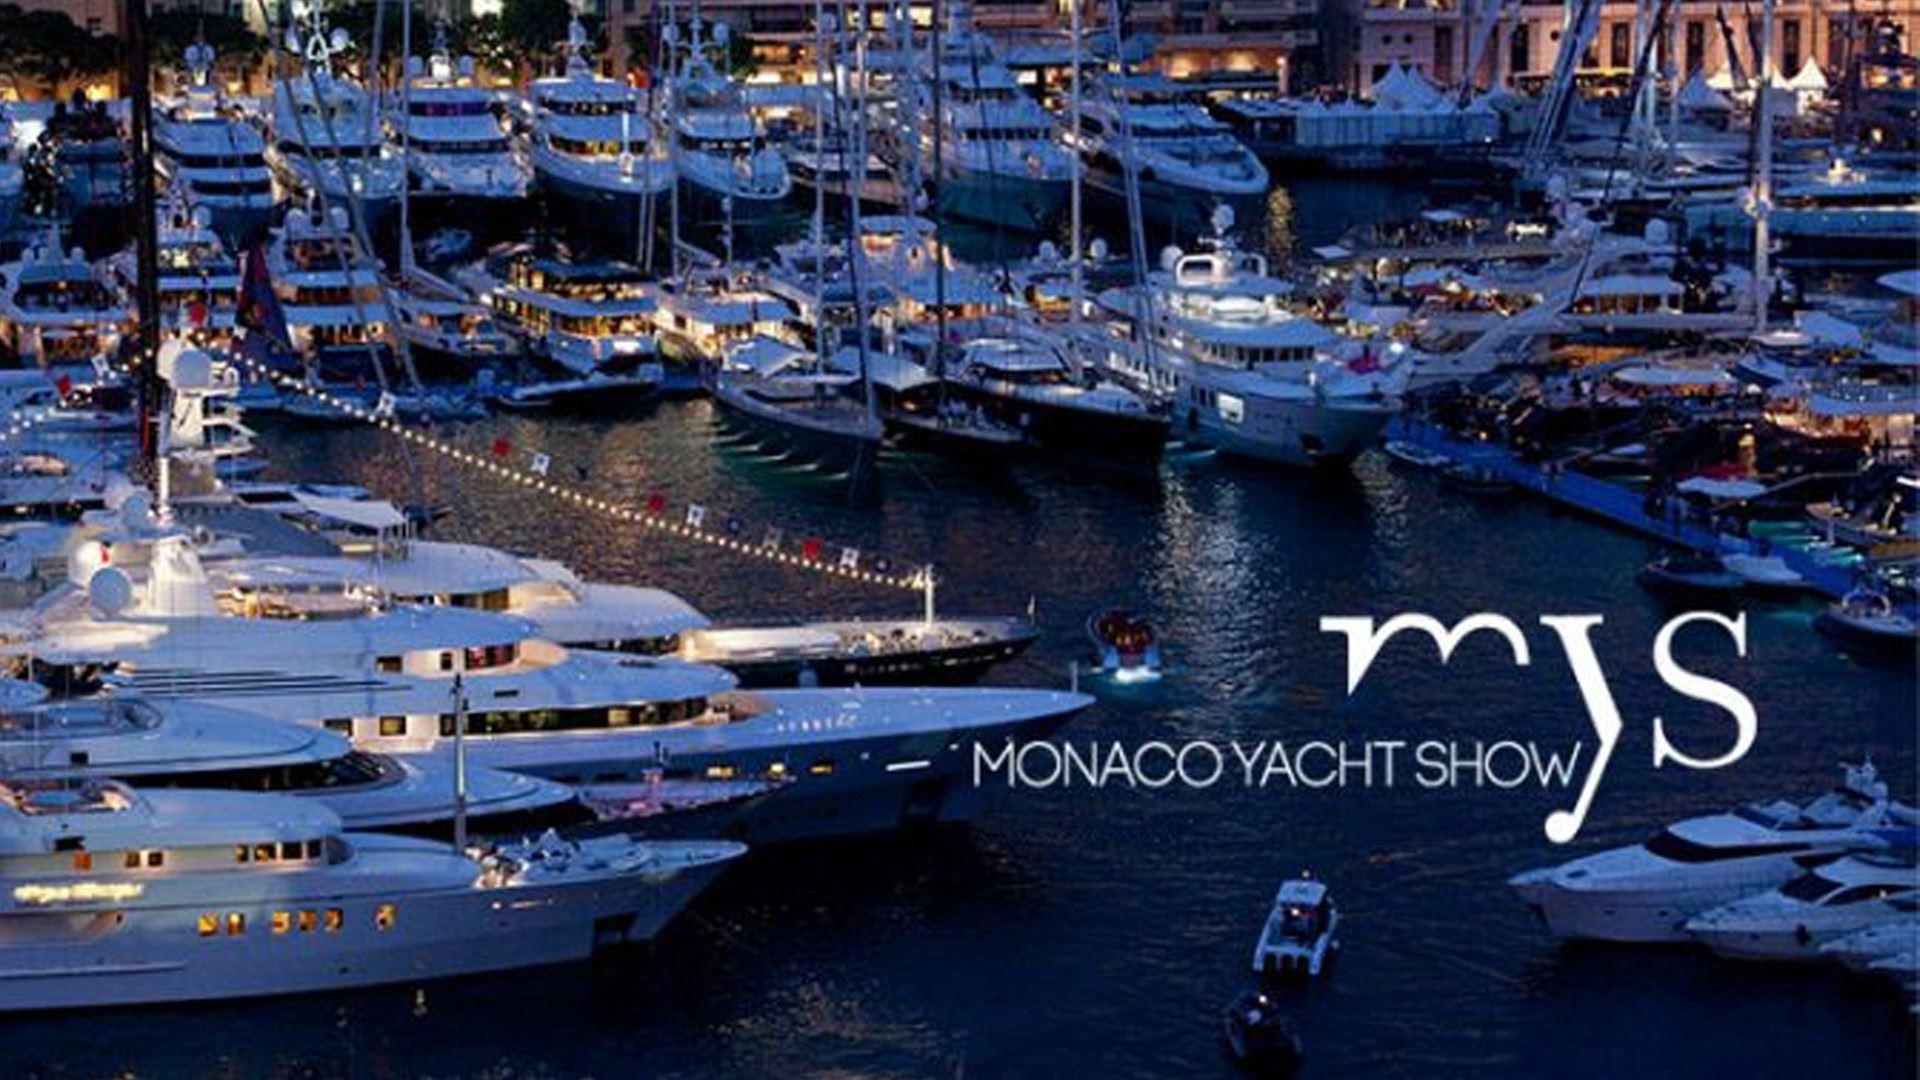 BCE Monaco Yacht Show 2019'da